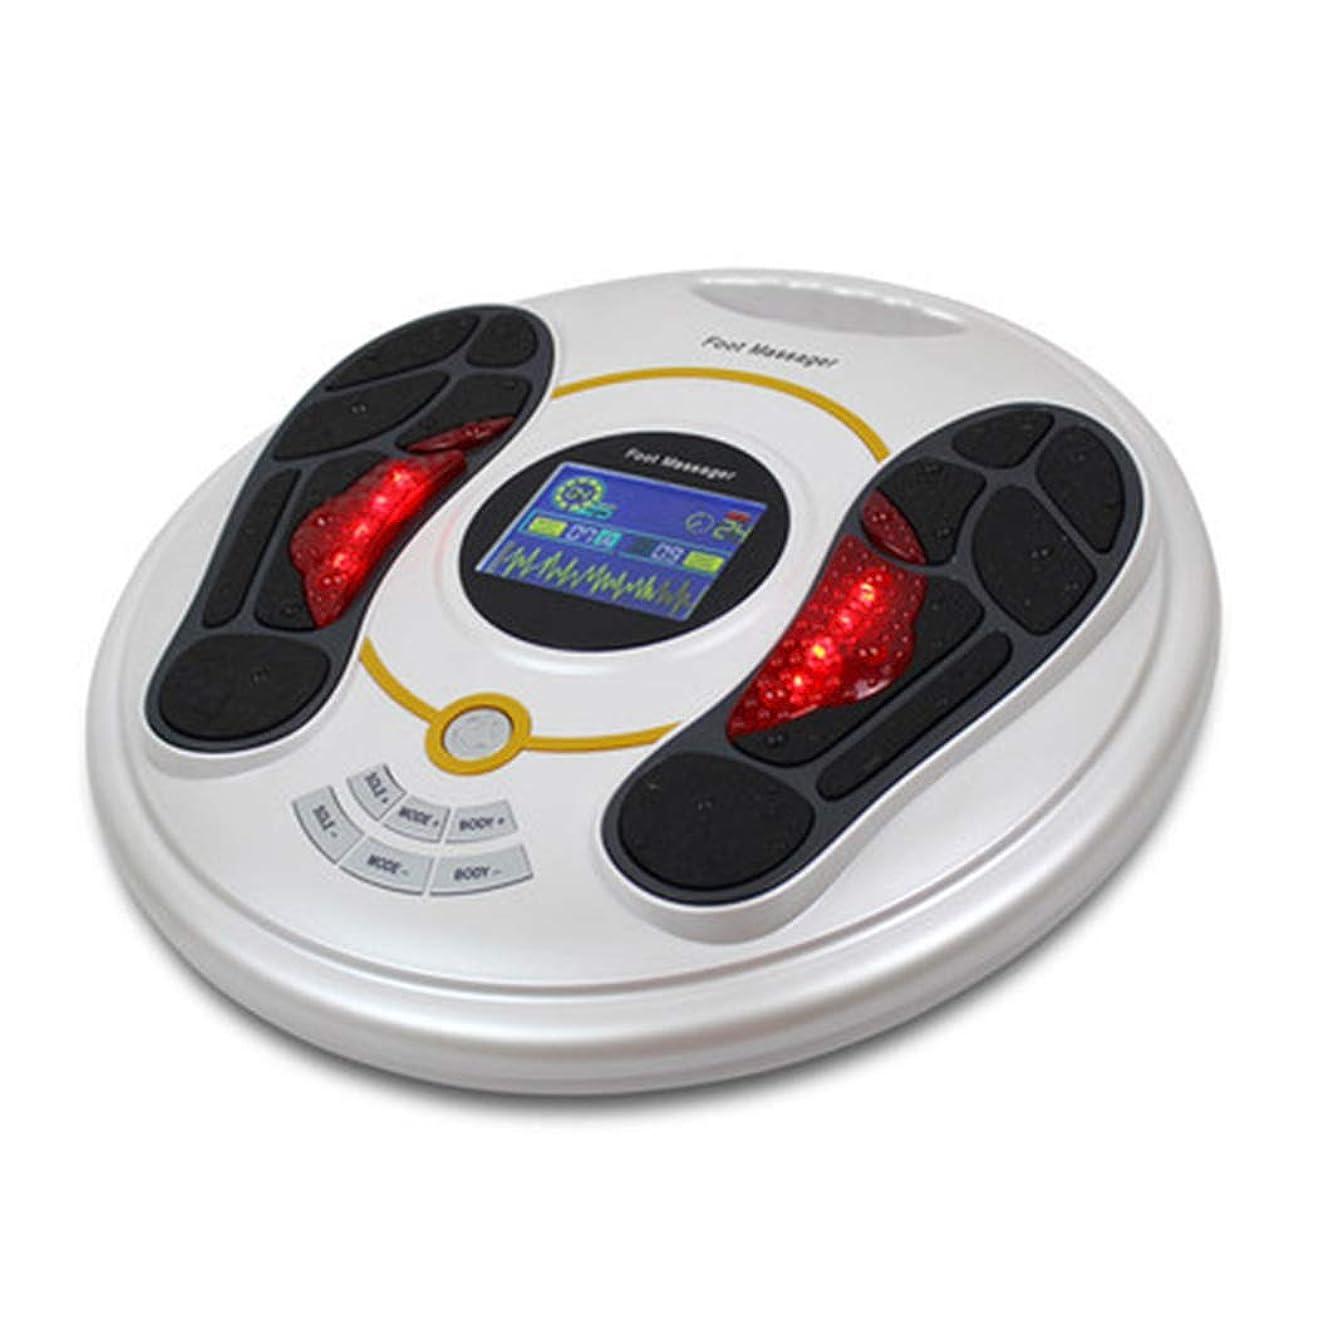 防腐剤フォーム一貫性のない調整可能 足のマッサージャー指圧機電気の足マッサージャースパ熱、深い混練機能リリーフ足のストレスホームオフィス用 リラックス, white